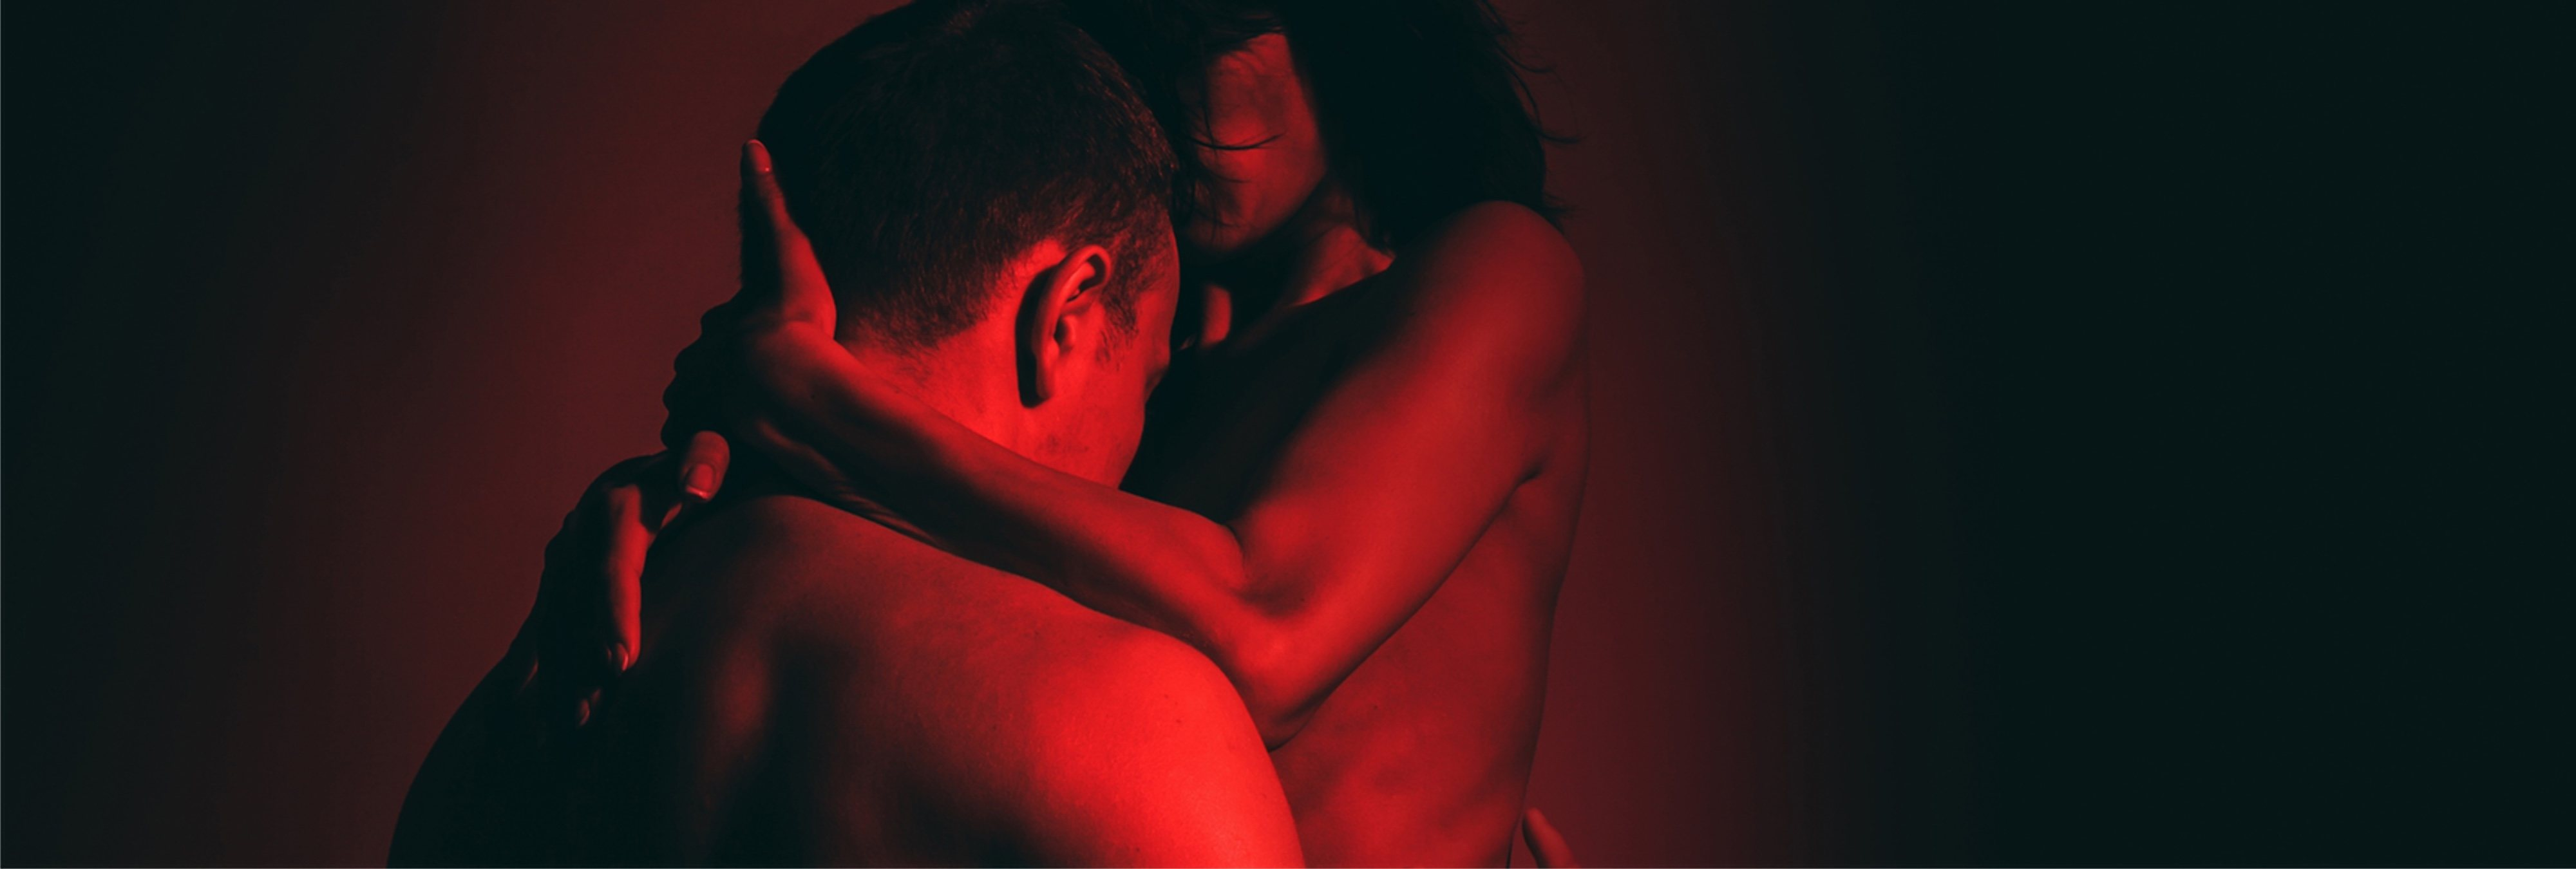 Así se practica el beso 'pompoir', la técnica que promete más orgasmos durante el sexo